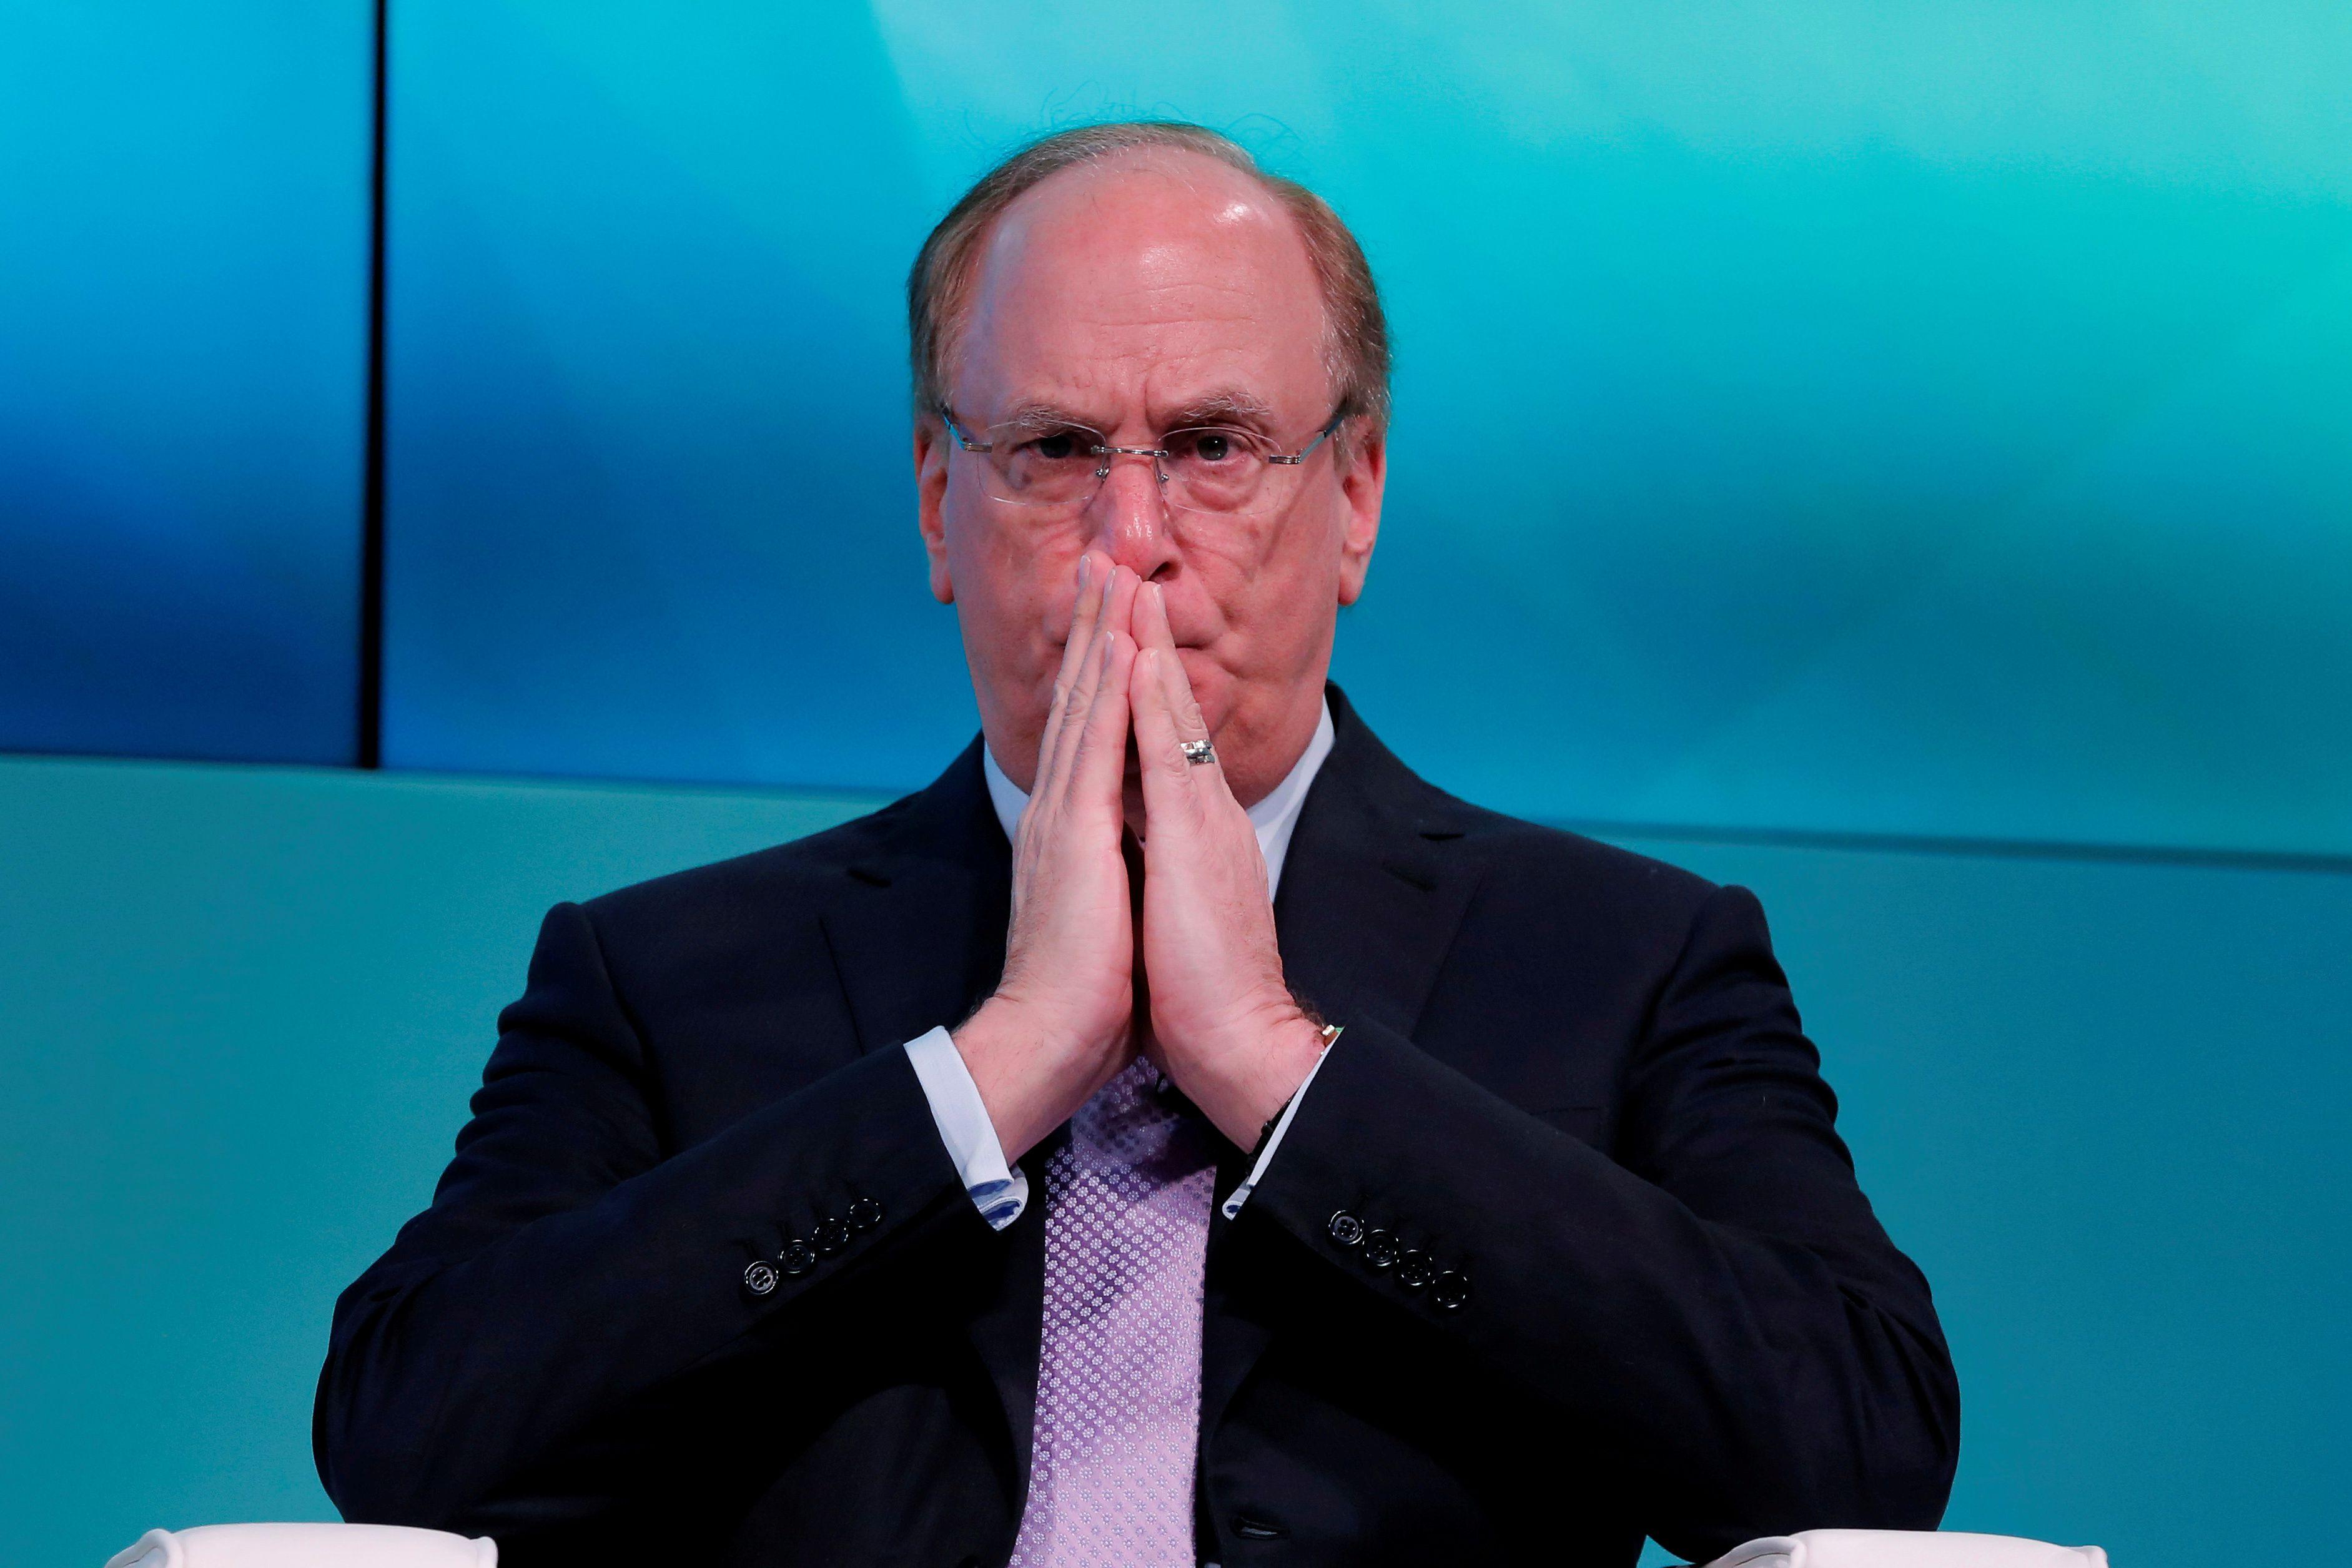 Larry Fink, CEO de BlackRock, el fondo de inversión más poderoso de Wall Street.